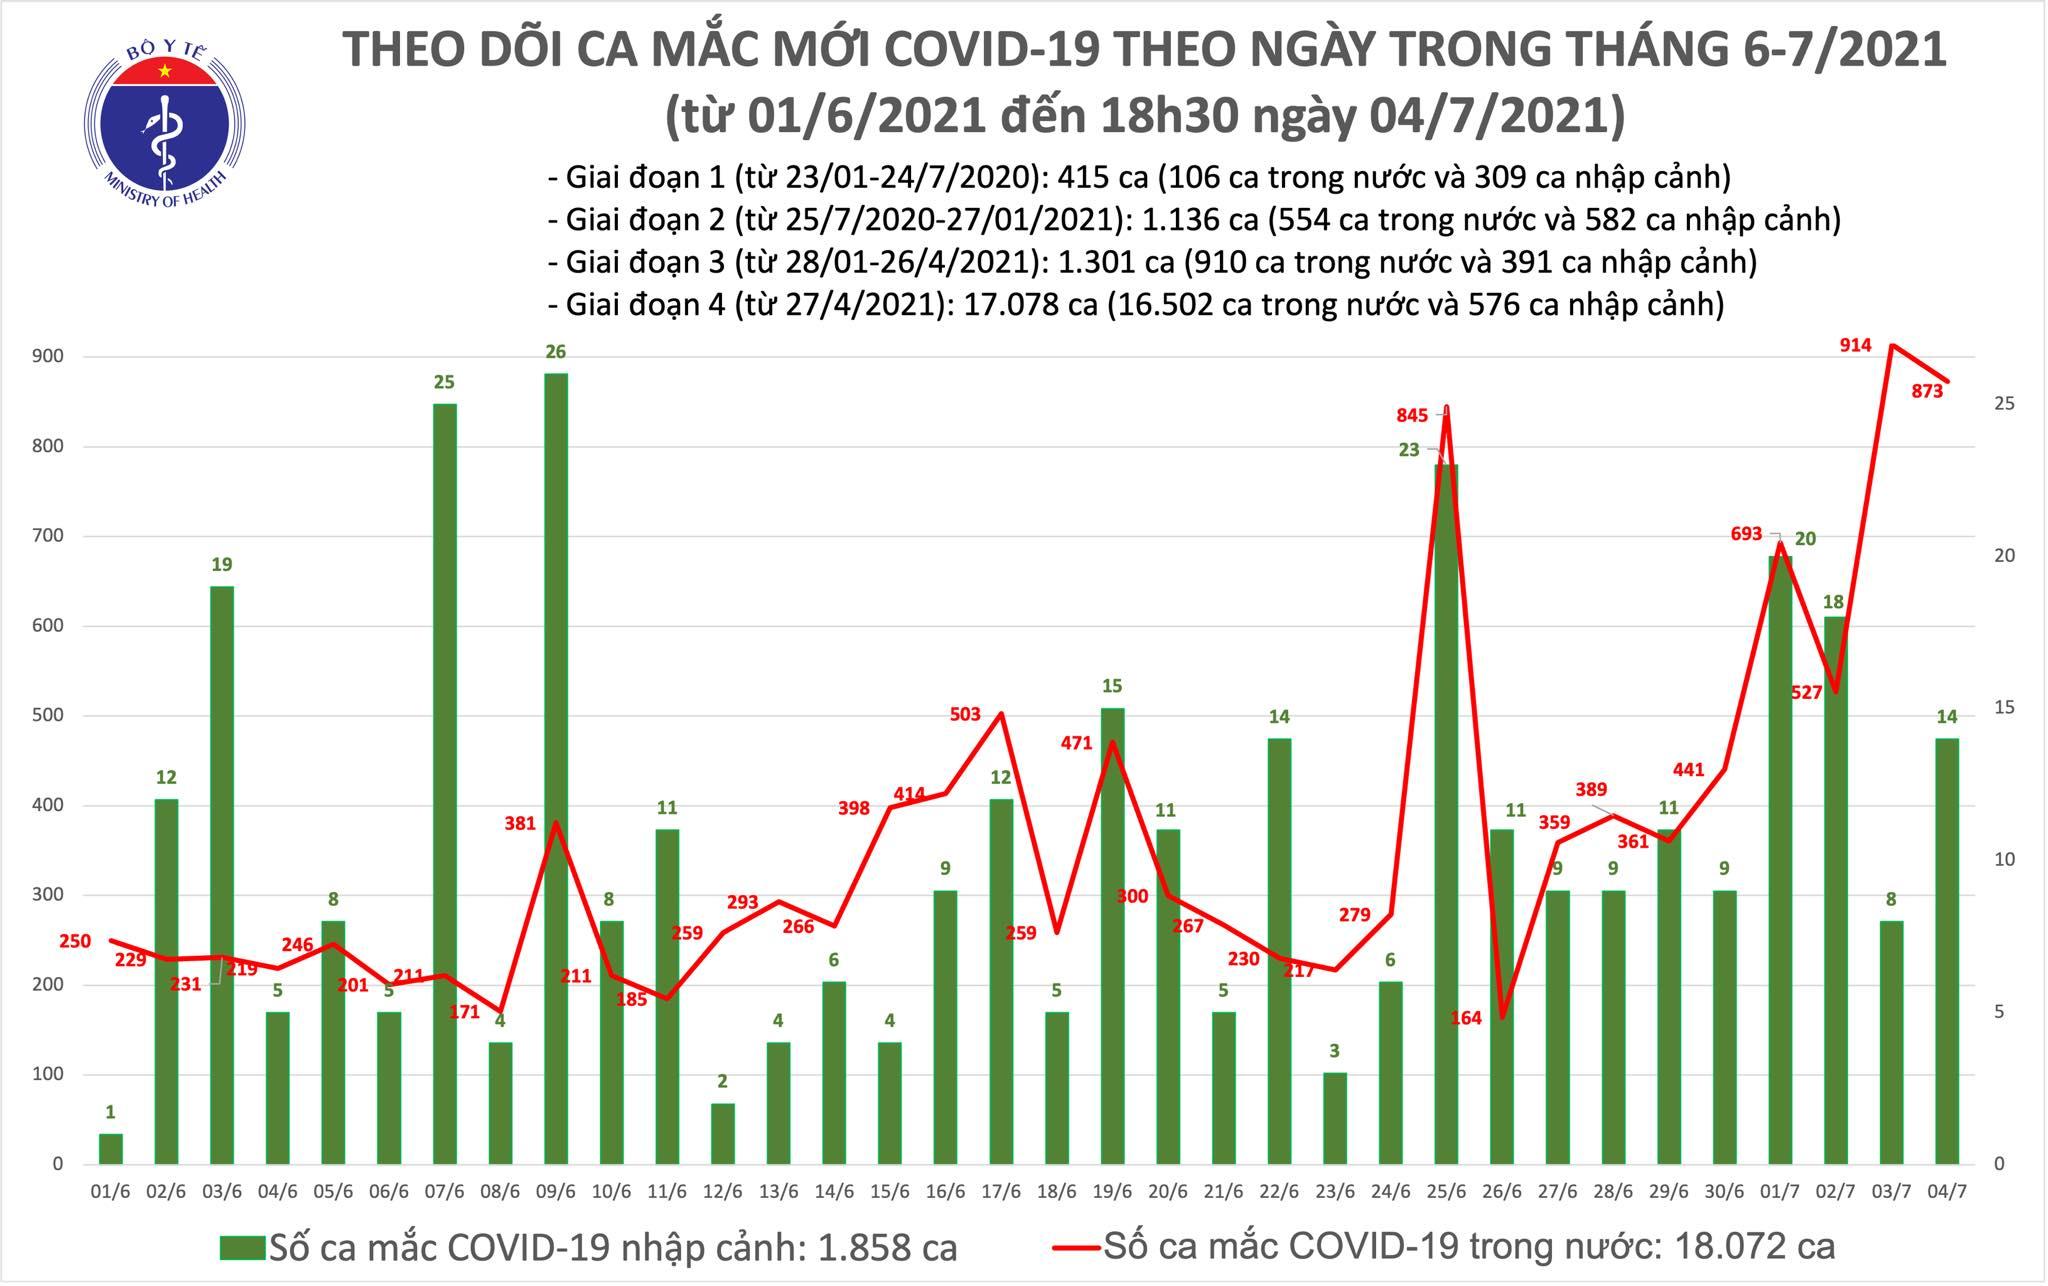 Tối 4/7: Thêm 360 ca mắc mới, nâng tổng số bệnh nhân COVID-19 trong ngày lên 887-1